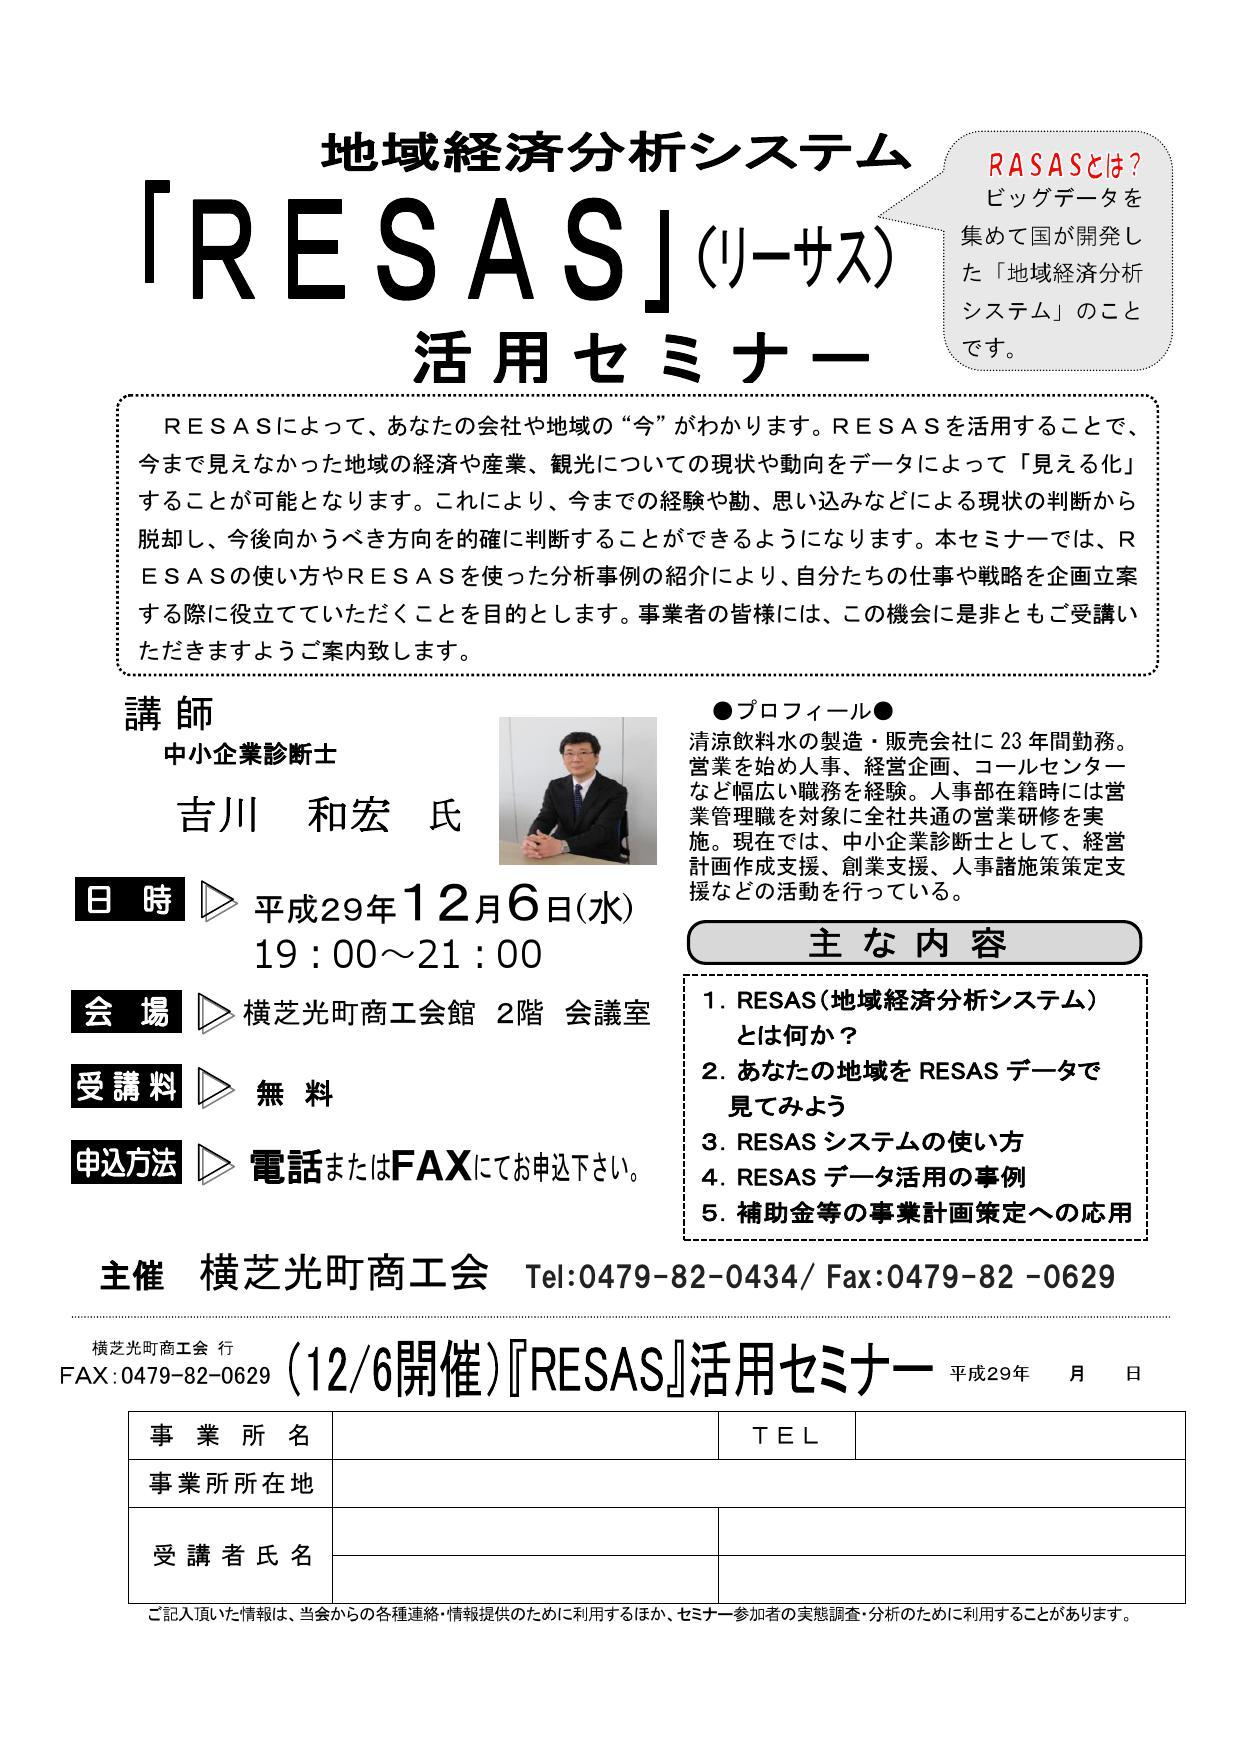 「RESAS」活用セミナー申込書